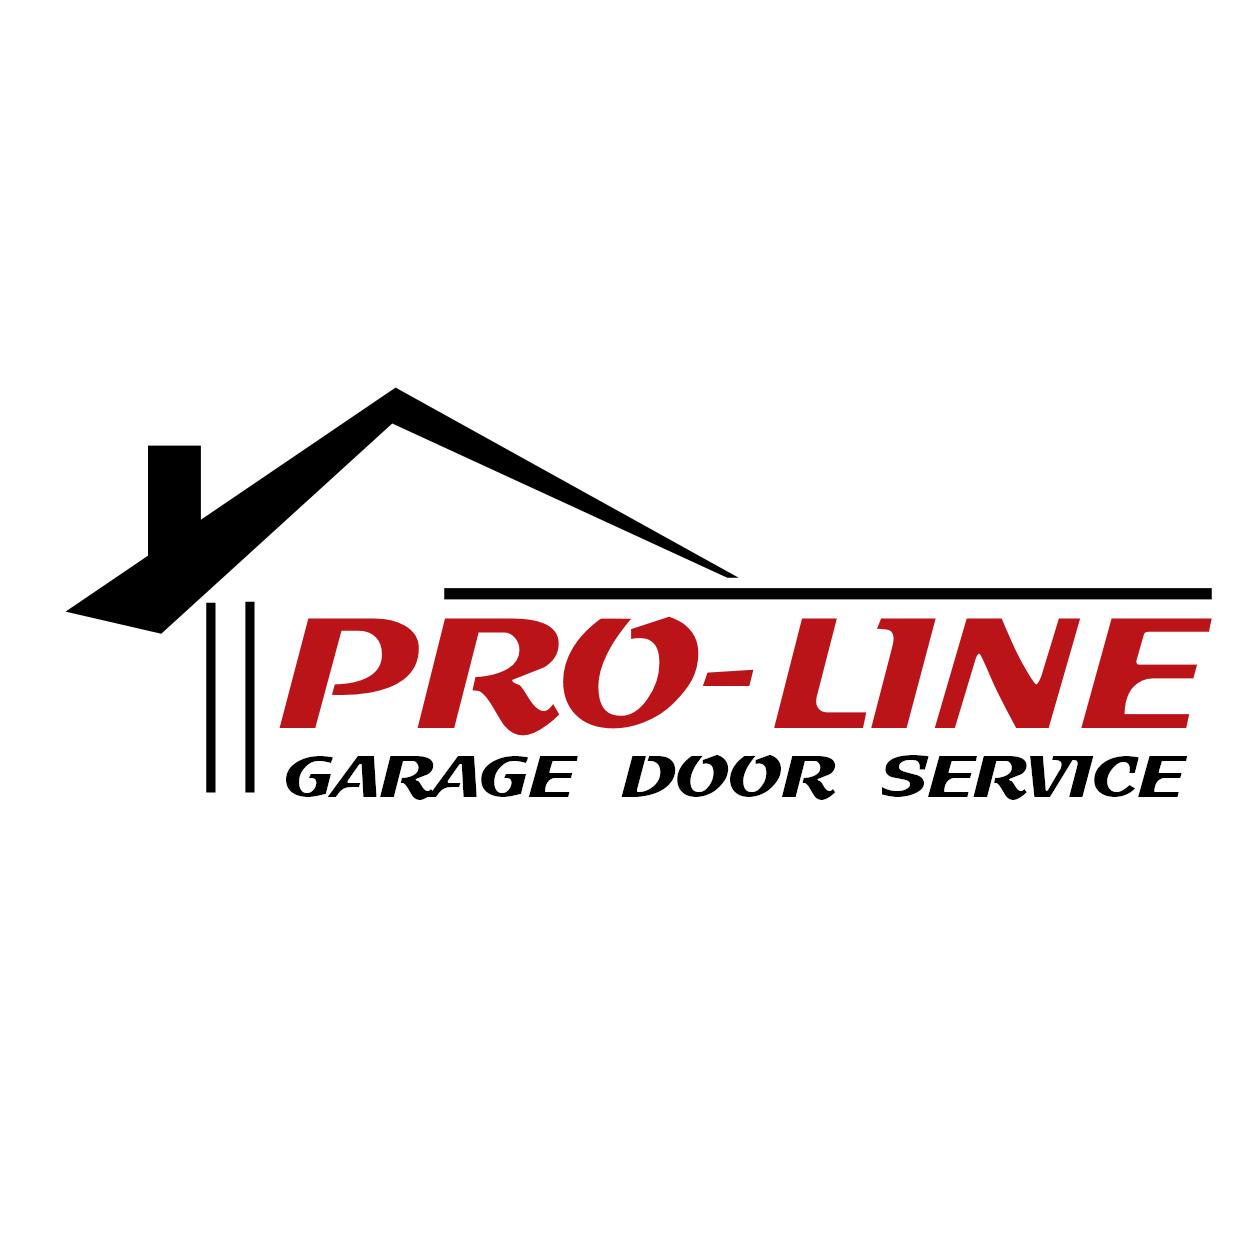 Pro line garage door service in downey ca 90241 for Garage door service